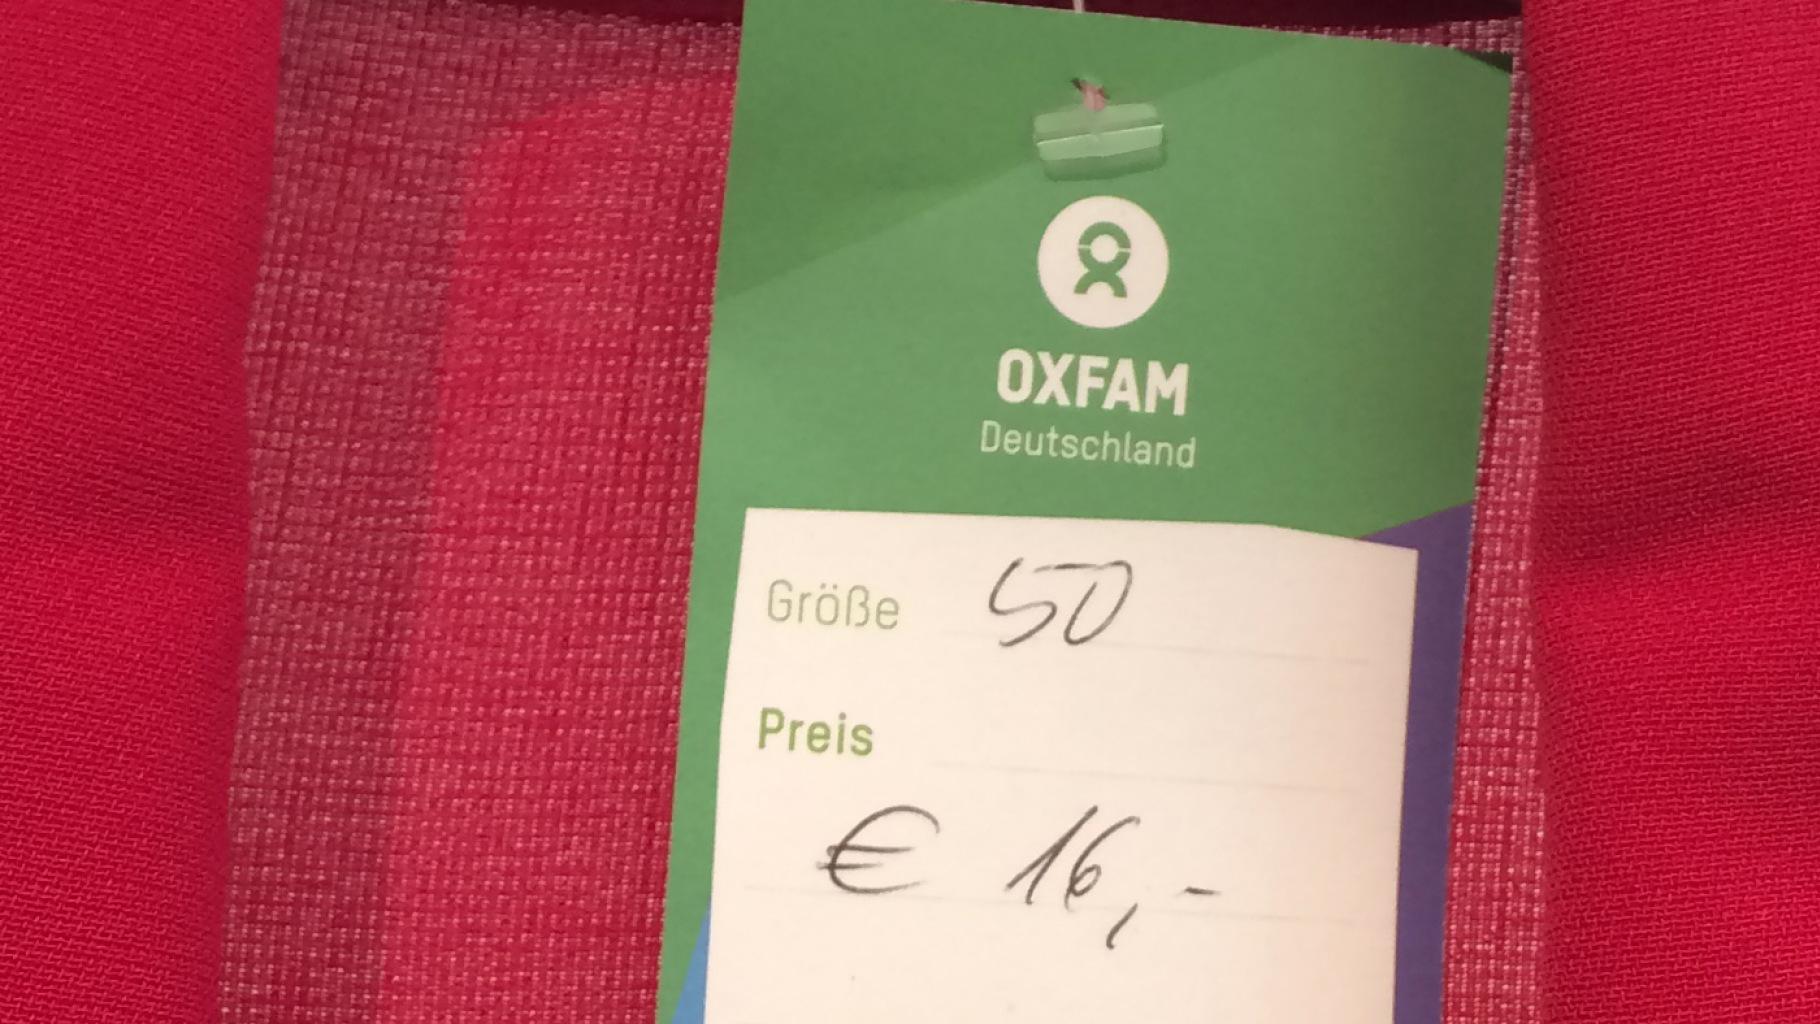 Große Größen im Oxfam Shop